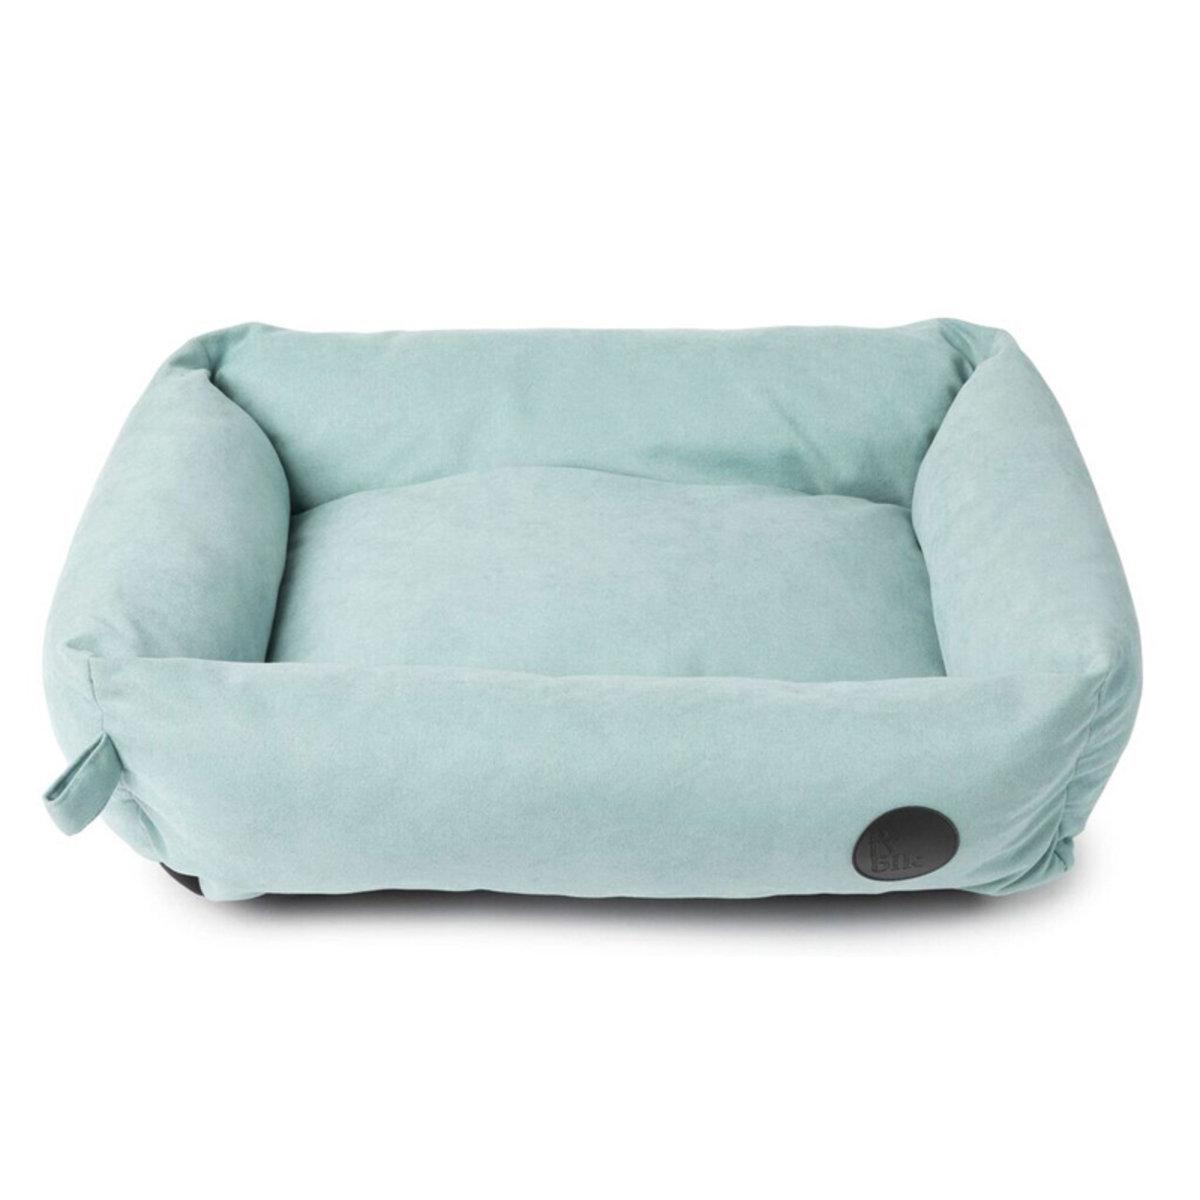 簡約貓犬長型梳化床(粉藍色S) K26